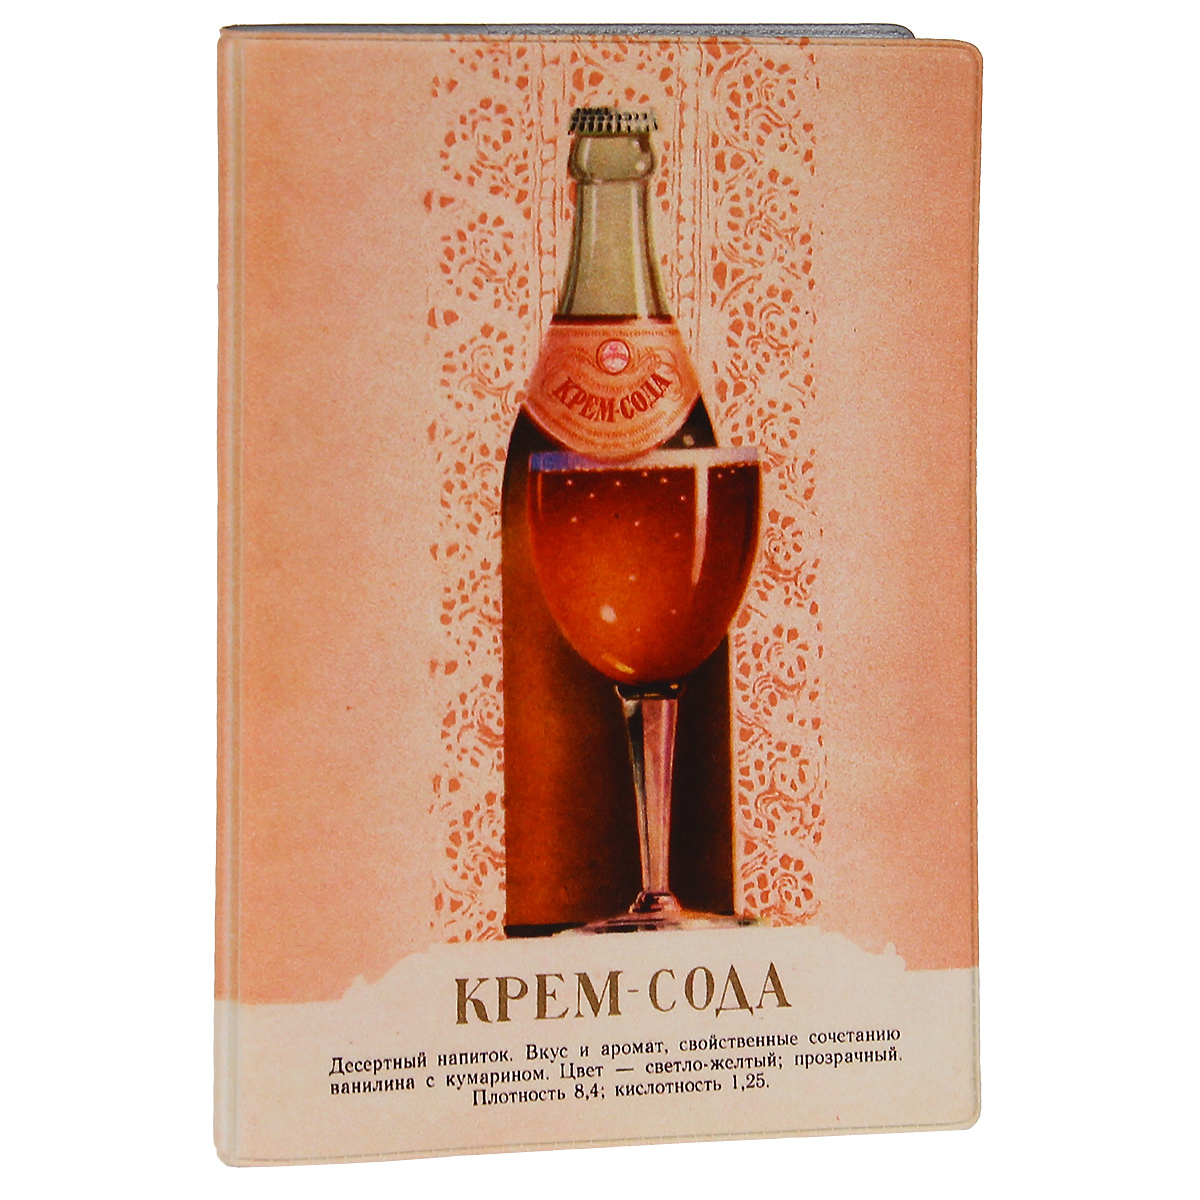 Обложка для автодокументов Крем-сода. AUTOZAM271ПВХ (поливинилхлорид)Обложка для автодокументов Mitya Veselkov Крем-сода изготовлена из прочного ПВХ и оформлена изображением в виде бутылки с напитком Крем-сода и наполненным бокалом. На внутреннем развороте имеются съемный блок из шести прозрачных файлов из мягкого пластика для водительских документов, один из которых формата А5, а также два боковых кармашка для визиток или банковских карт. Стильная обложка не только поможет сохранить внешний вид ваших документов и защитит их от грязи и пыли, но и станет аксессуаром, который подчеркнет вашу яркую индивидуальность.